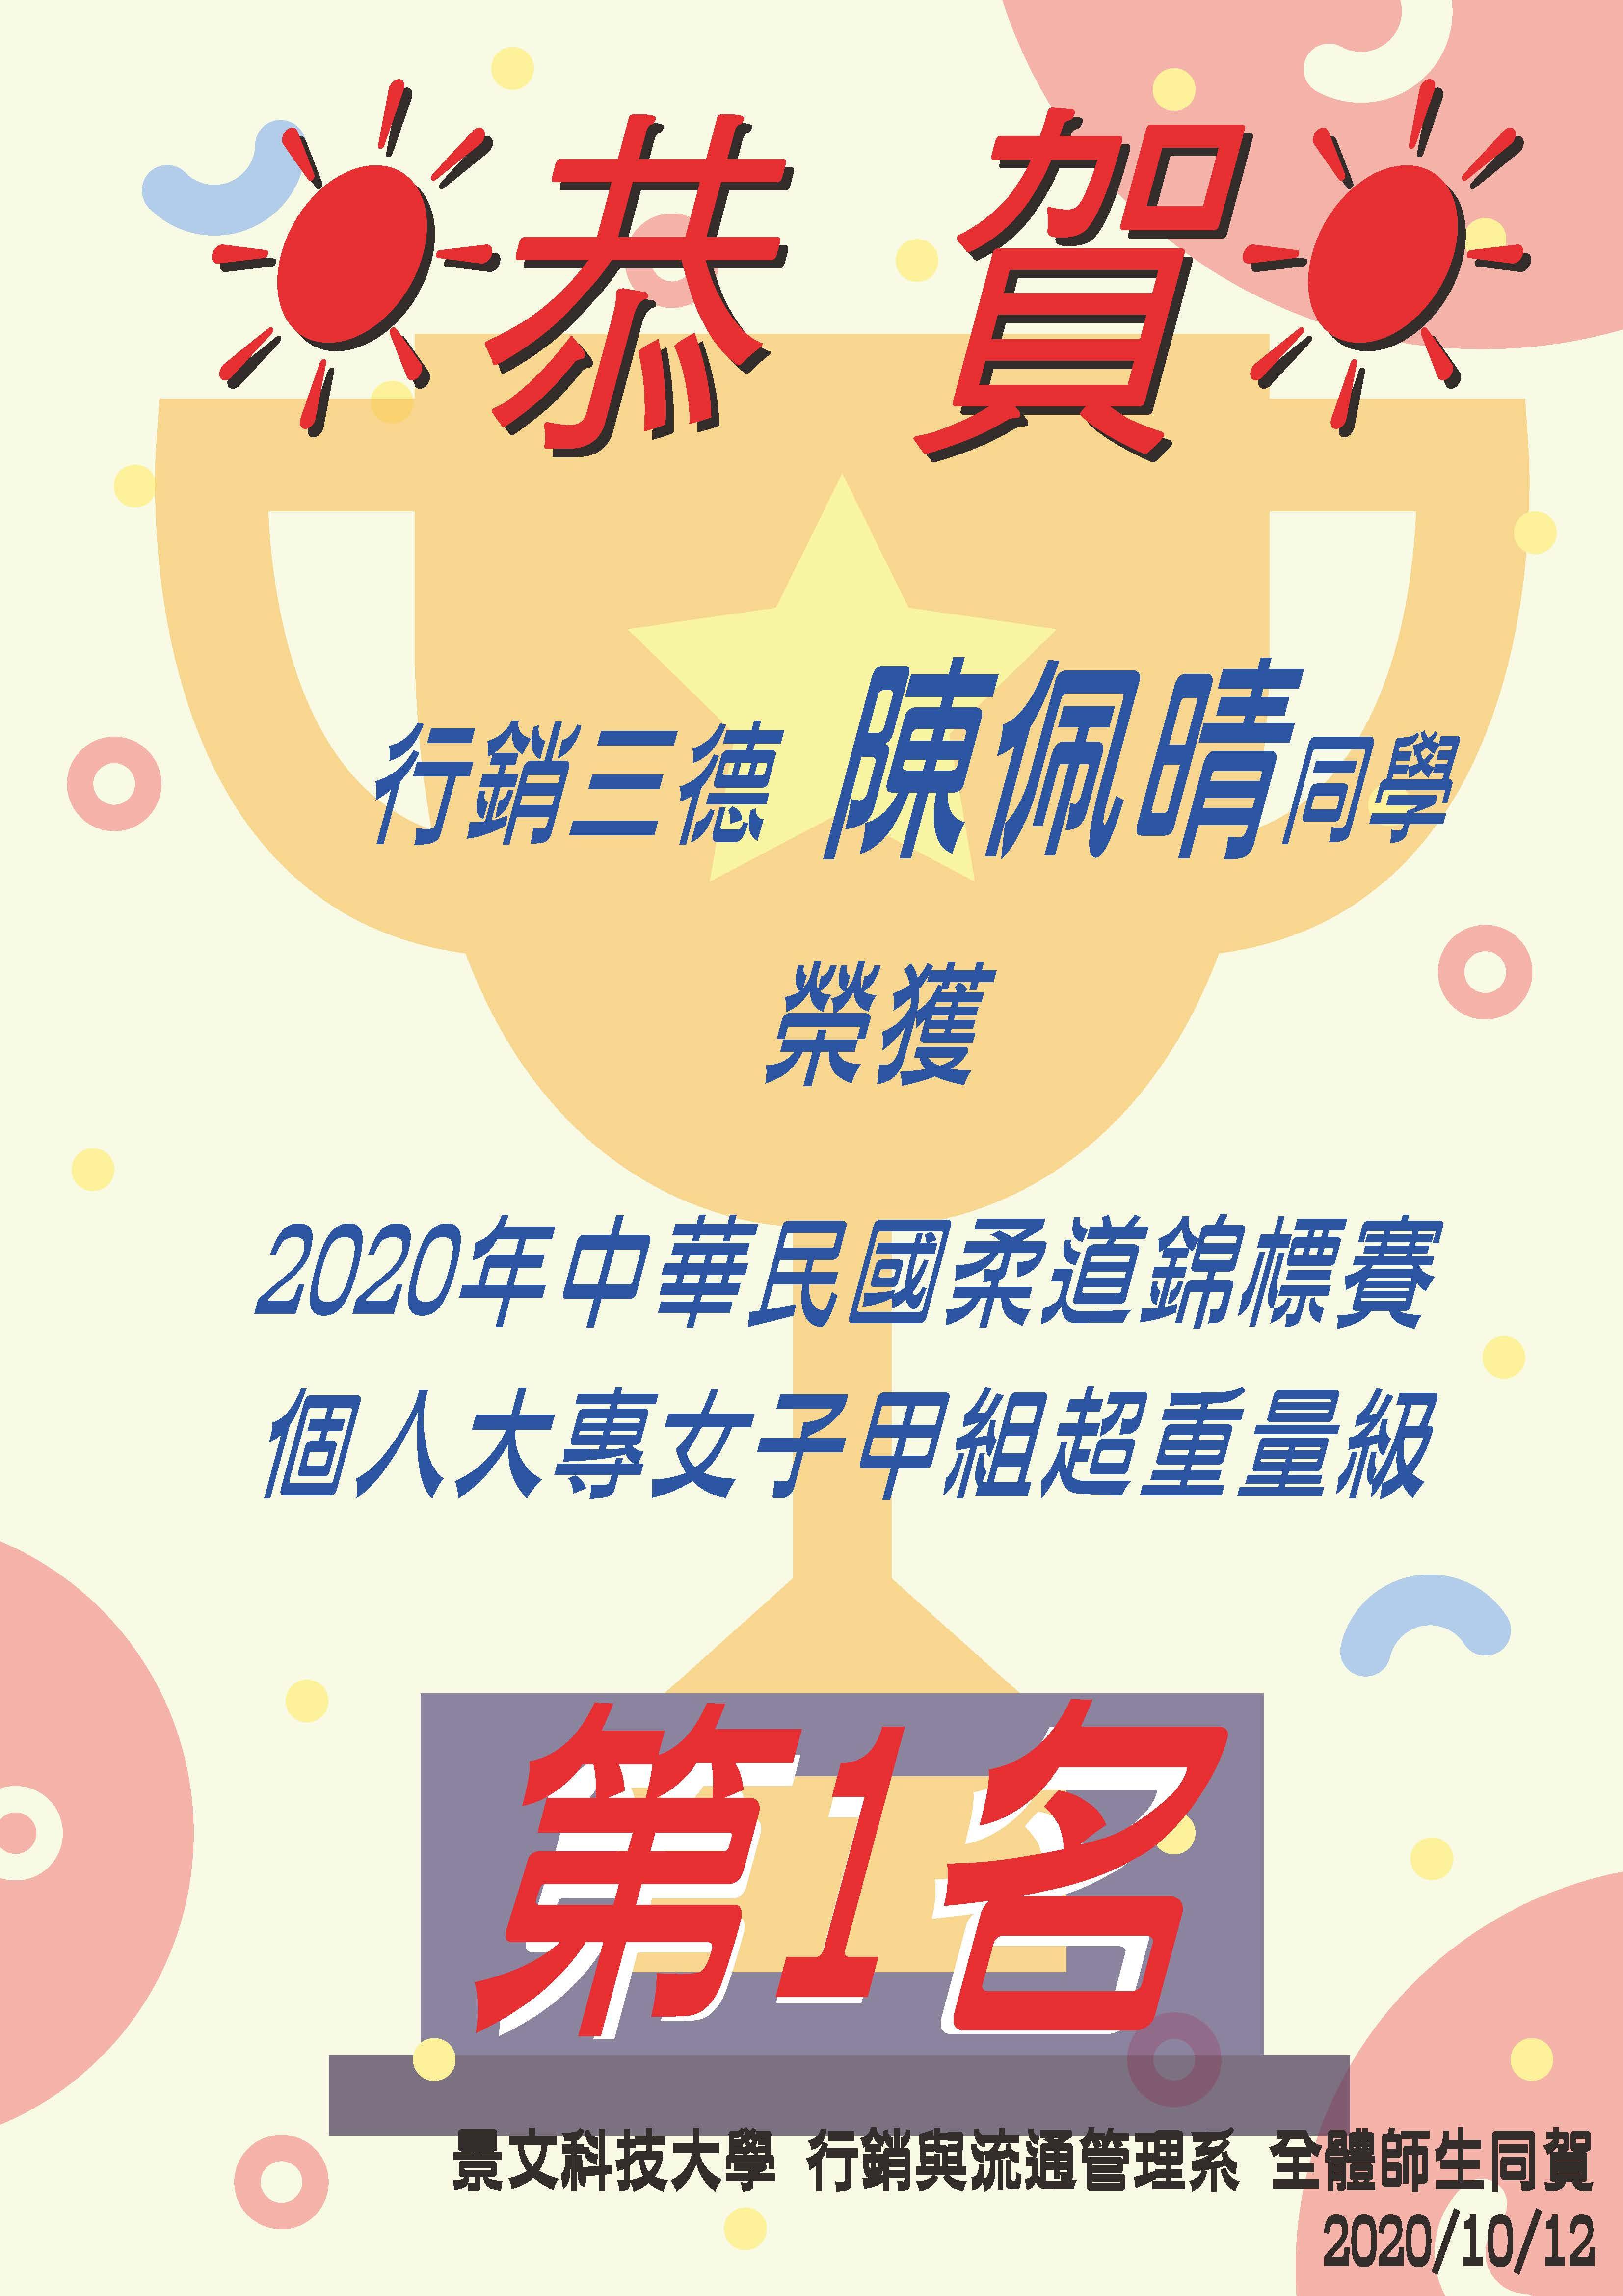 恭賀!!!行銷三德 陳佩晴同學 榮獲 2020年中華民國柔道錦標賽 個人大專女子甲組超重量級 第1名